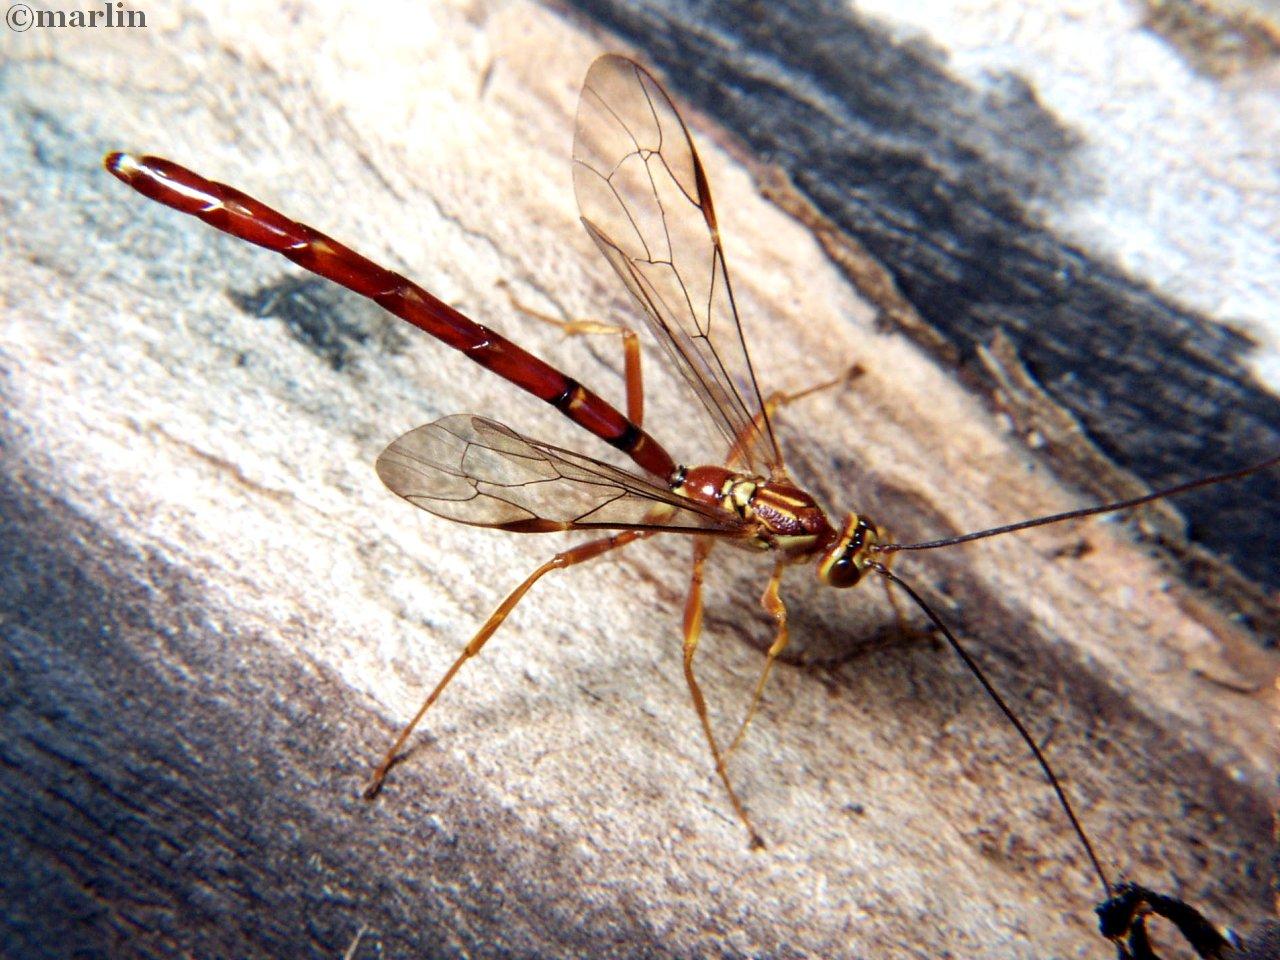 Megarhyssa male wasp